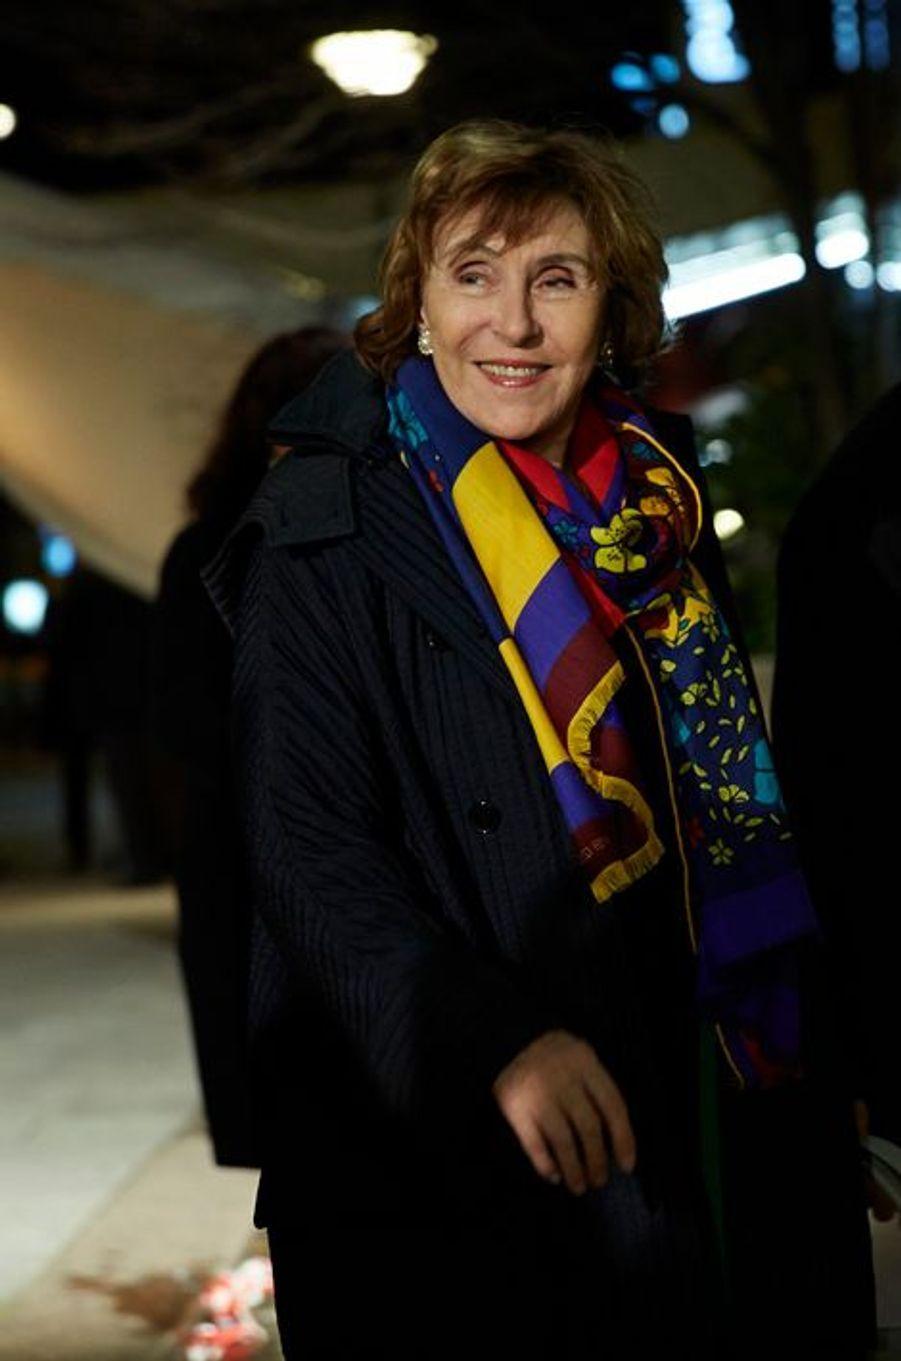 L'ancienne Premier ministre Edith Cresson arrive au 30ème dîner du Crif à Paris, le 23 février 2015